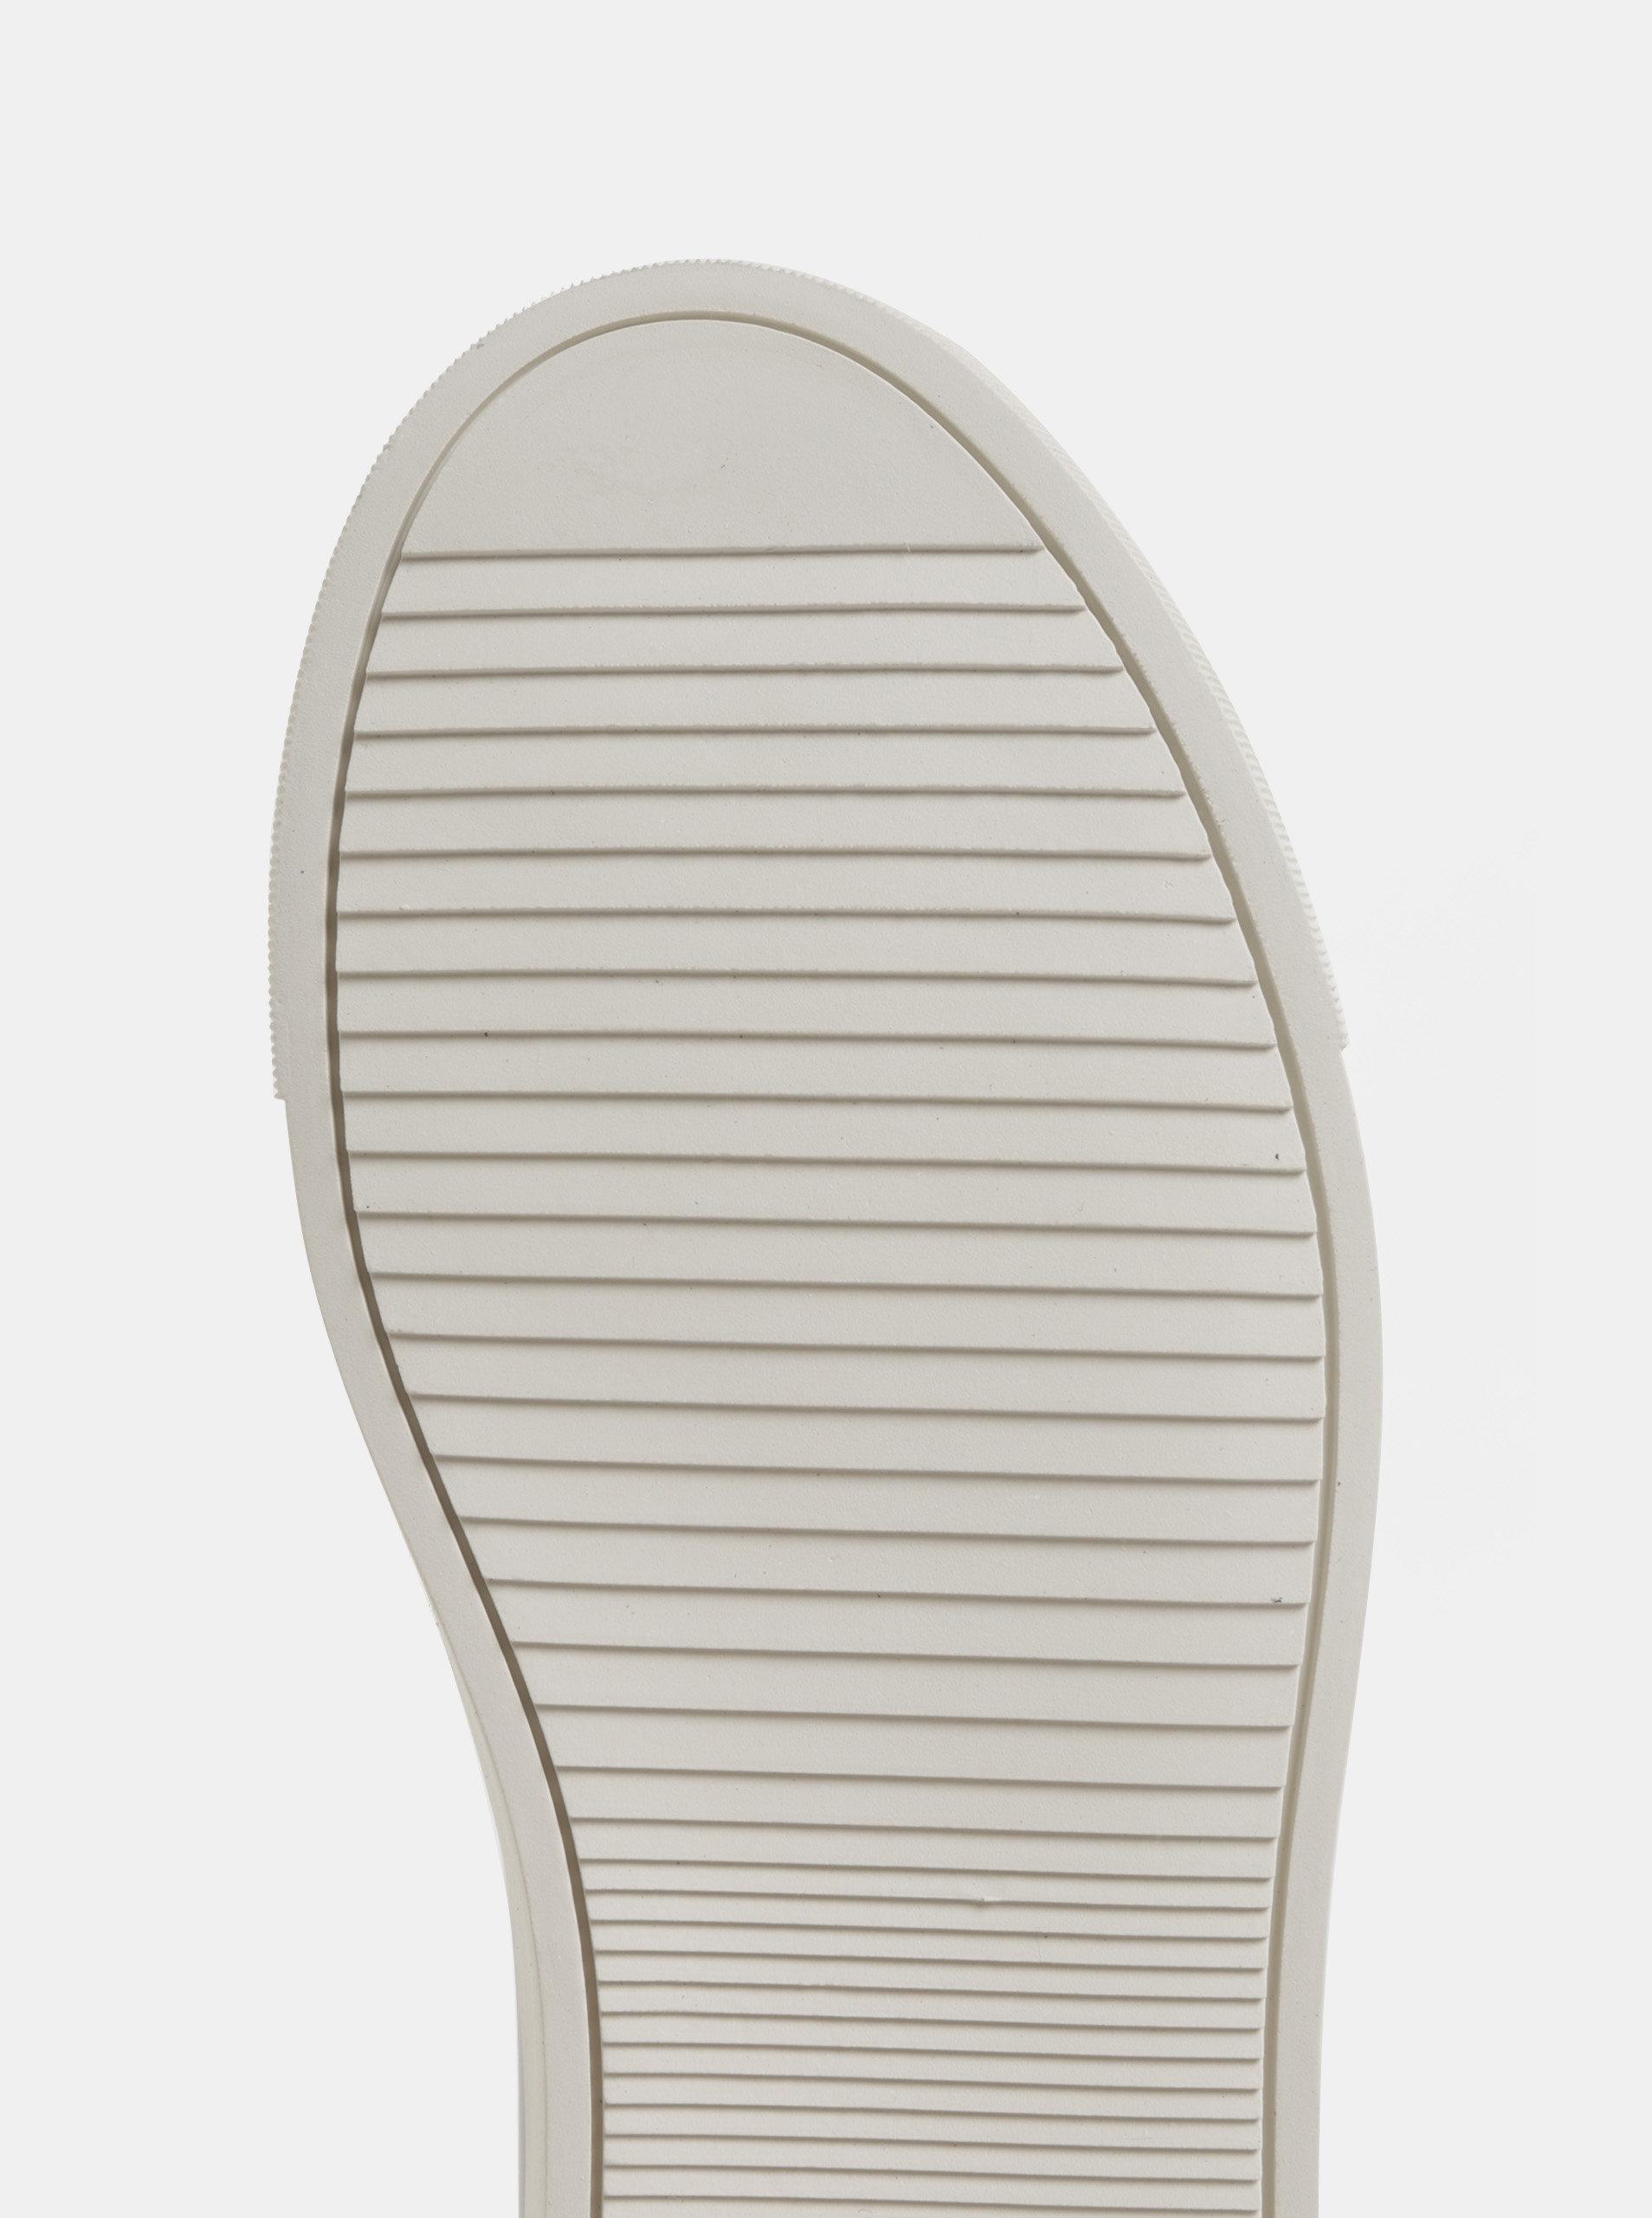 Kožené tenisky ve stříbrné barvě s metalickými odlesky a gumovou aplikací  KARL LAGERFELD ... 5f9442908c